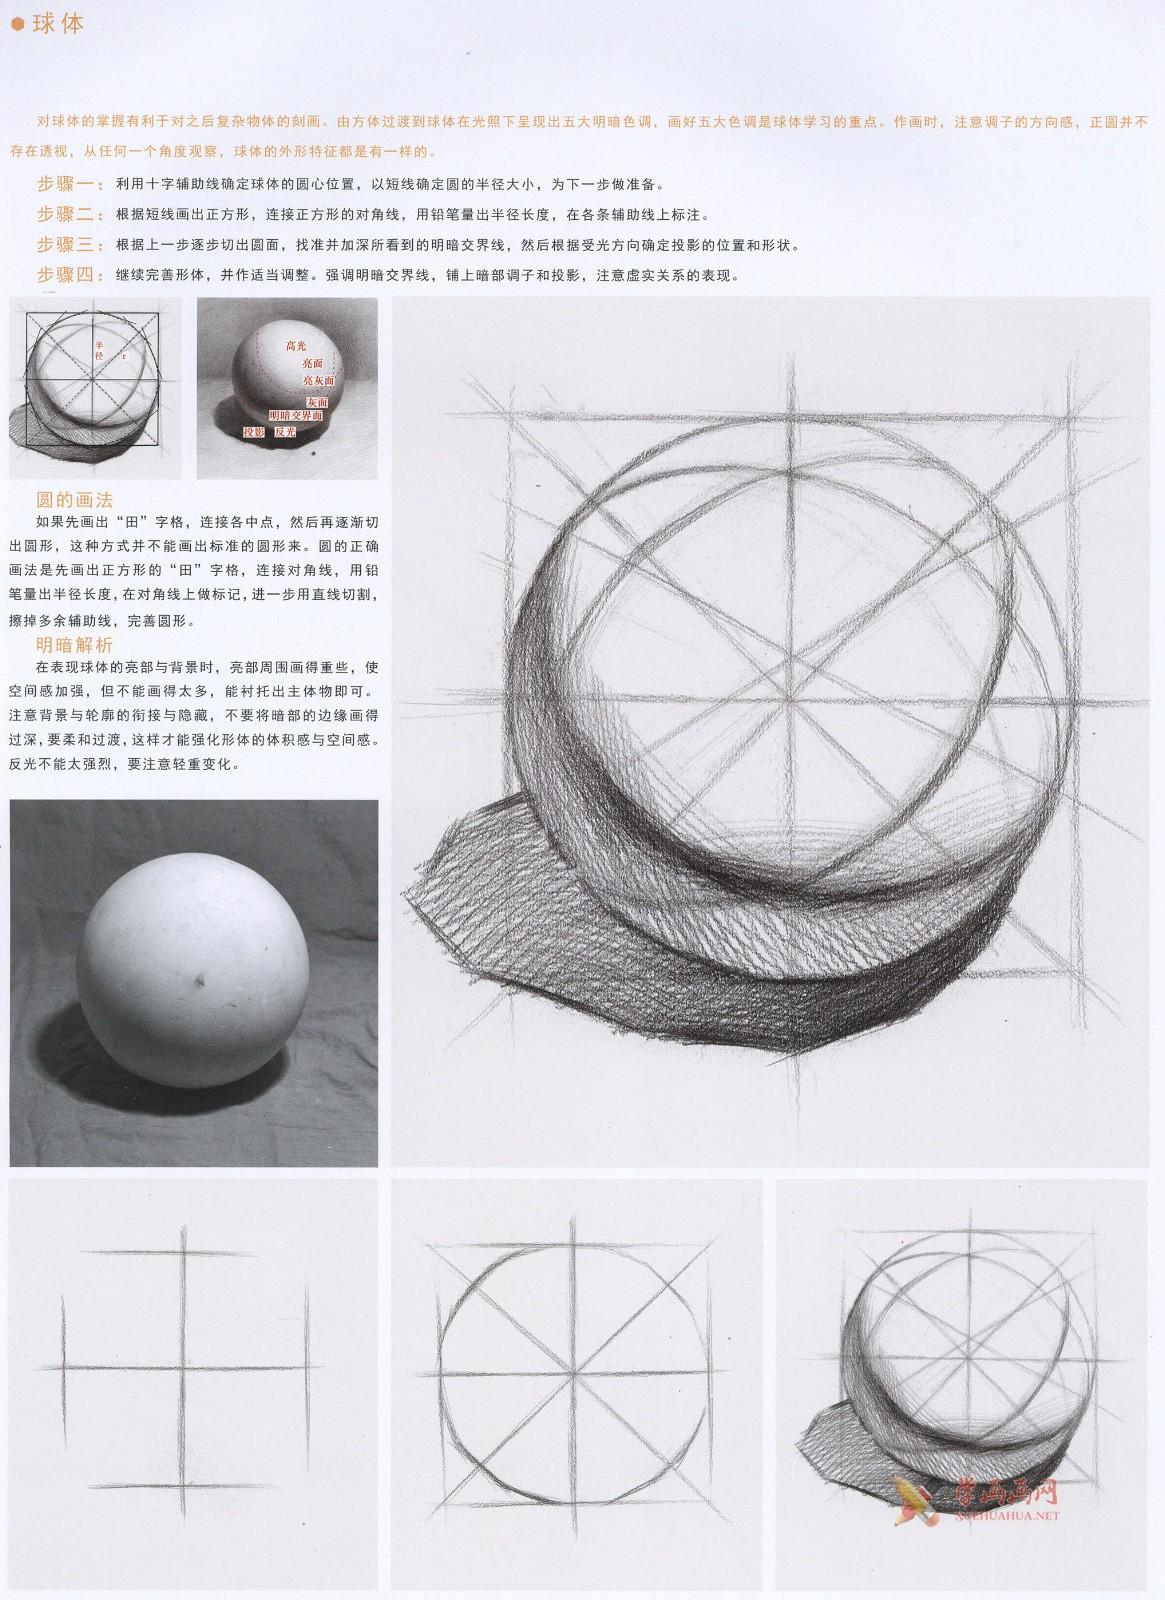 素描几何体_素描石膏球体的画法资料图片步骤解析(2)